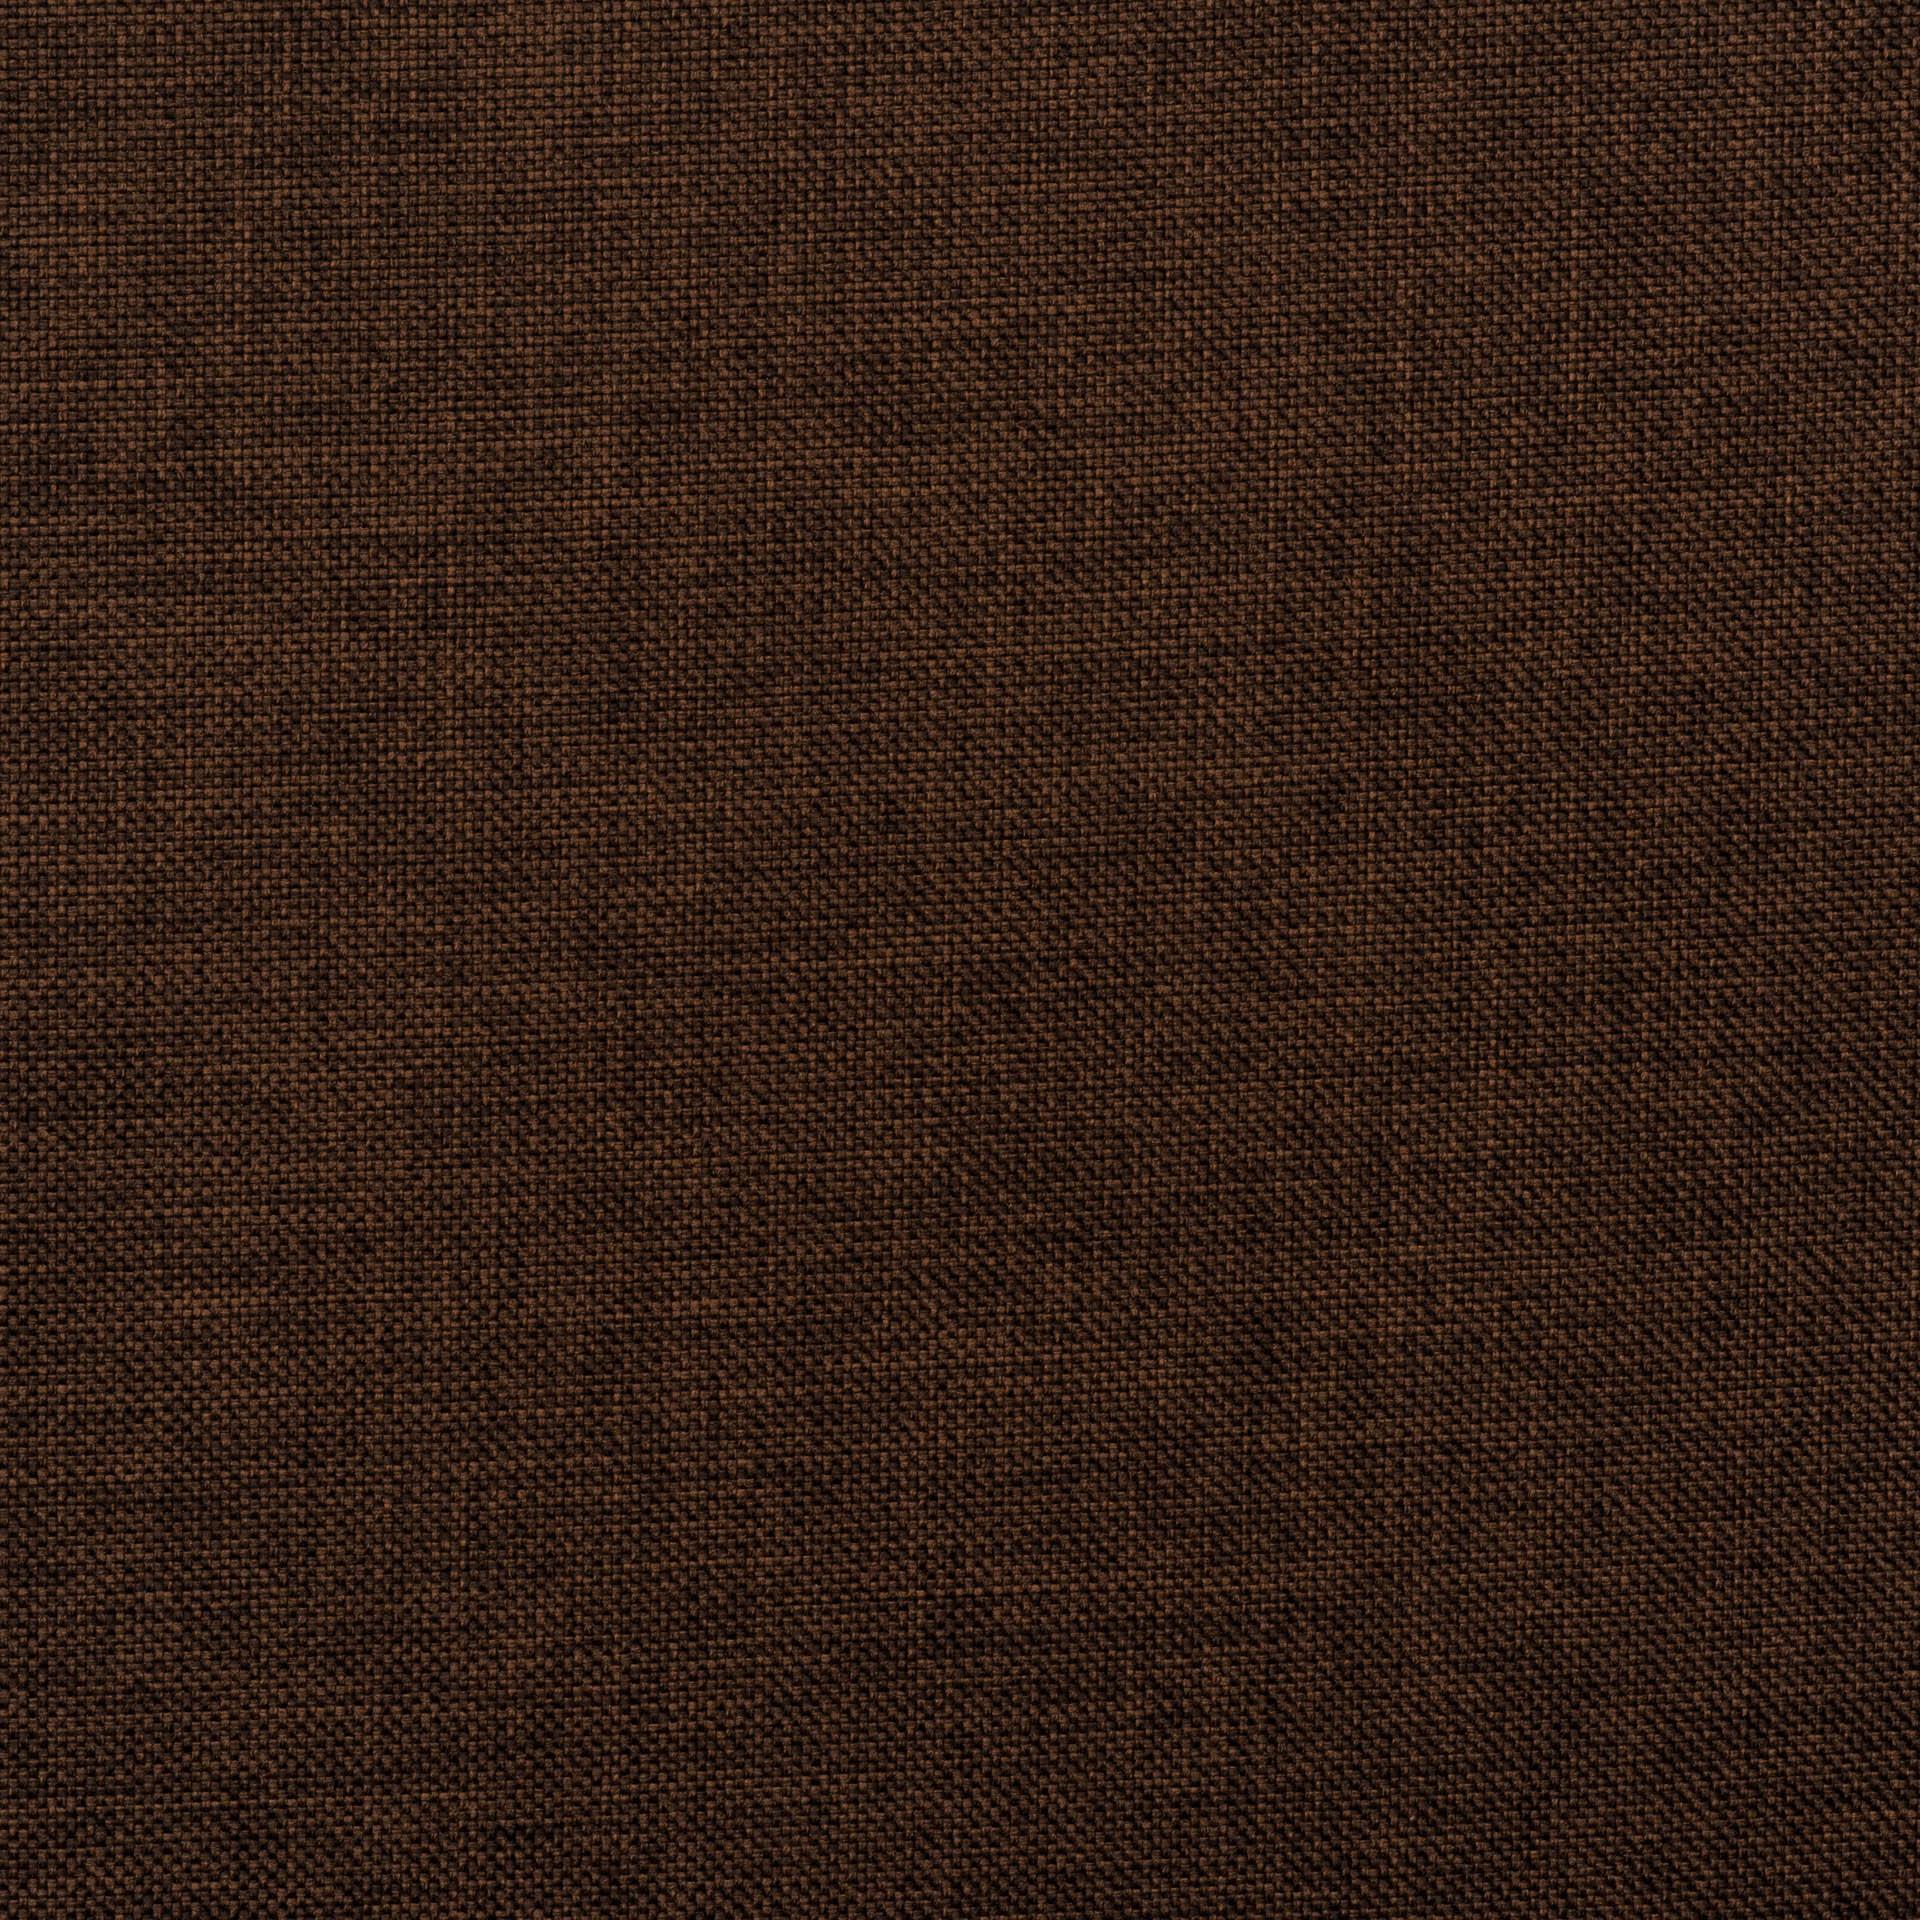 Коллекция ткани Саванна BROWN 08,  купить ткань Жаккард для мебели Украина